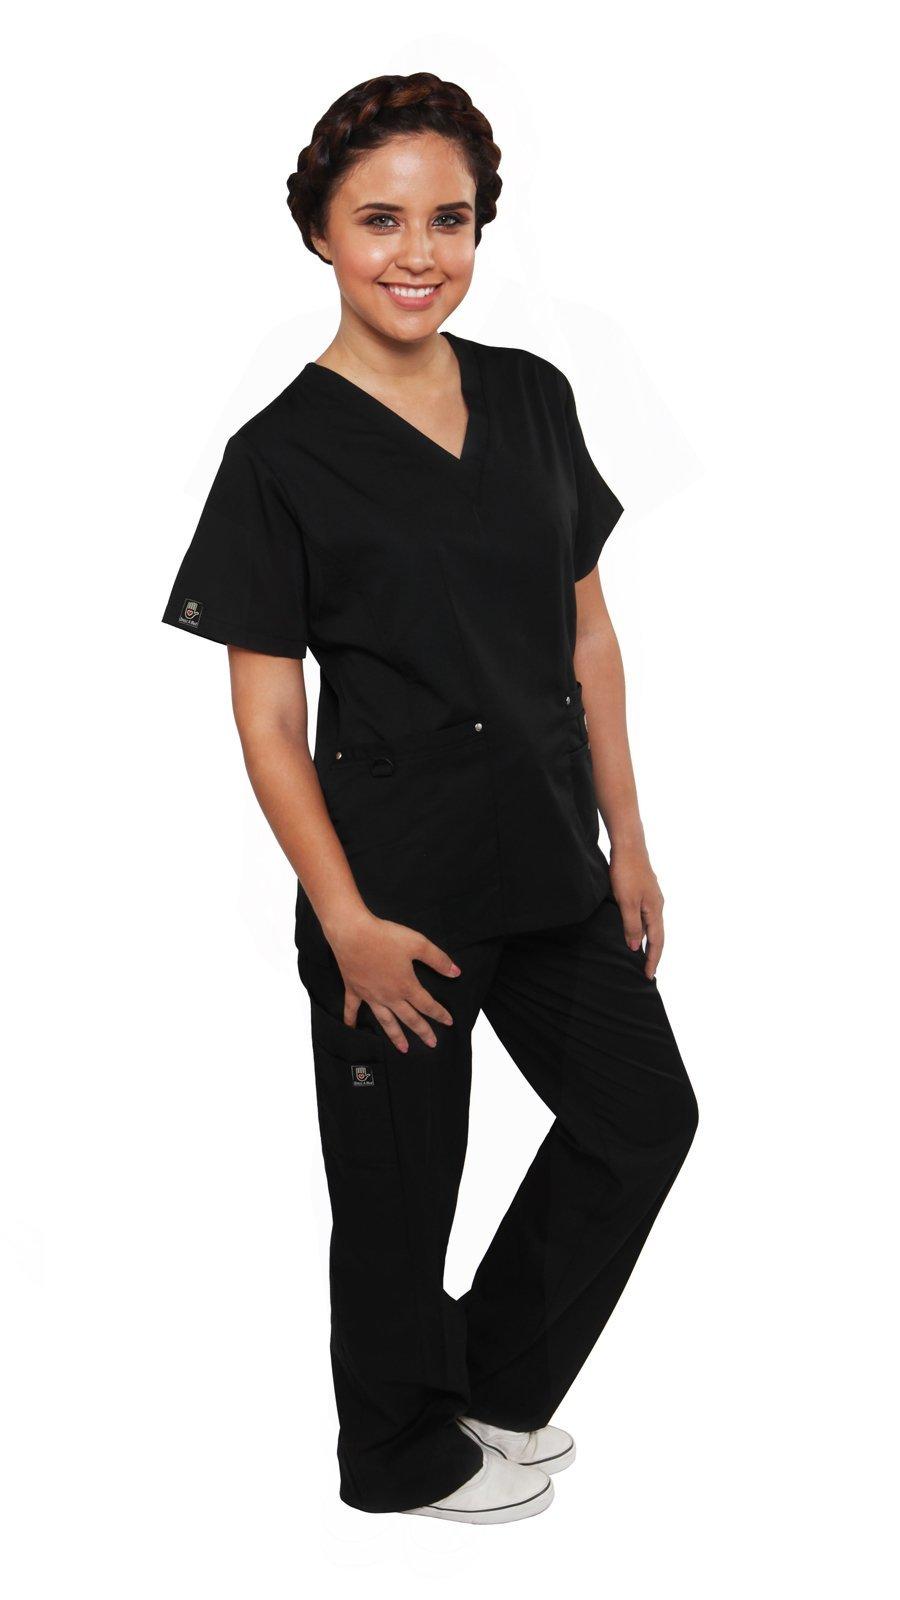 Dress A Med Women's Sleek Slim Fit Designer Rivet Pocket 2 Piece Scrubs Set